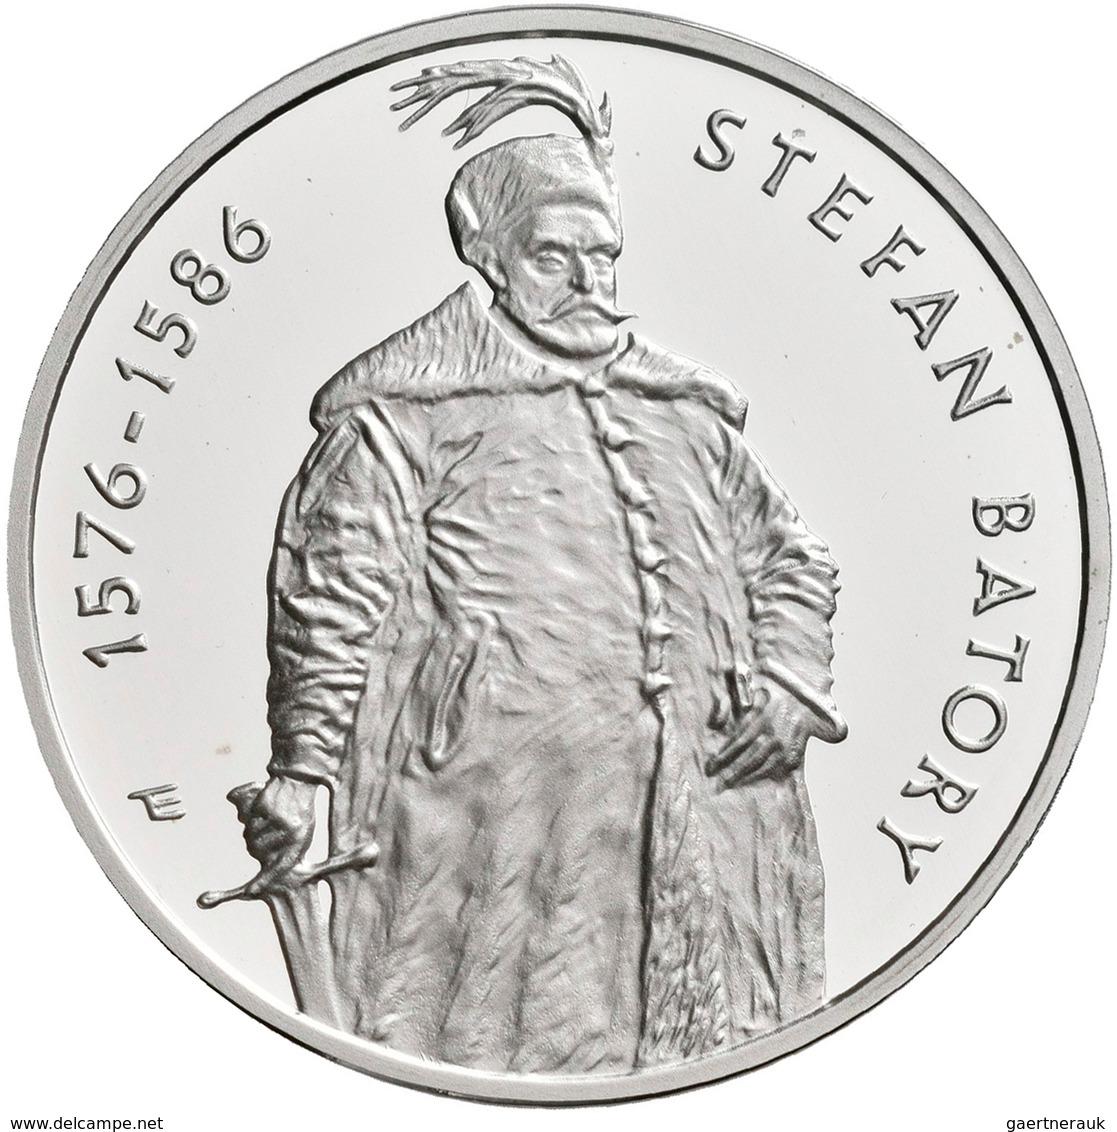 Polen: 10 Zlotych 1997, Stefan Batory, KM# Y 326, Fischer K (10) 012. Polierte Platte. - Pologne